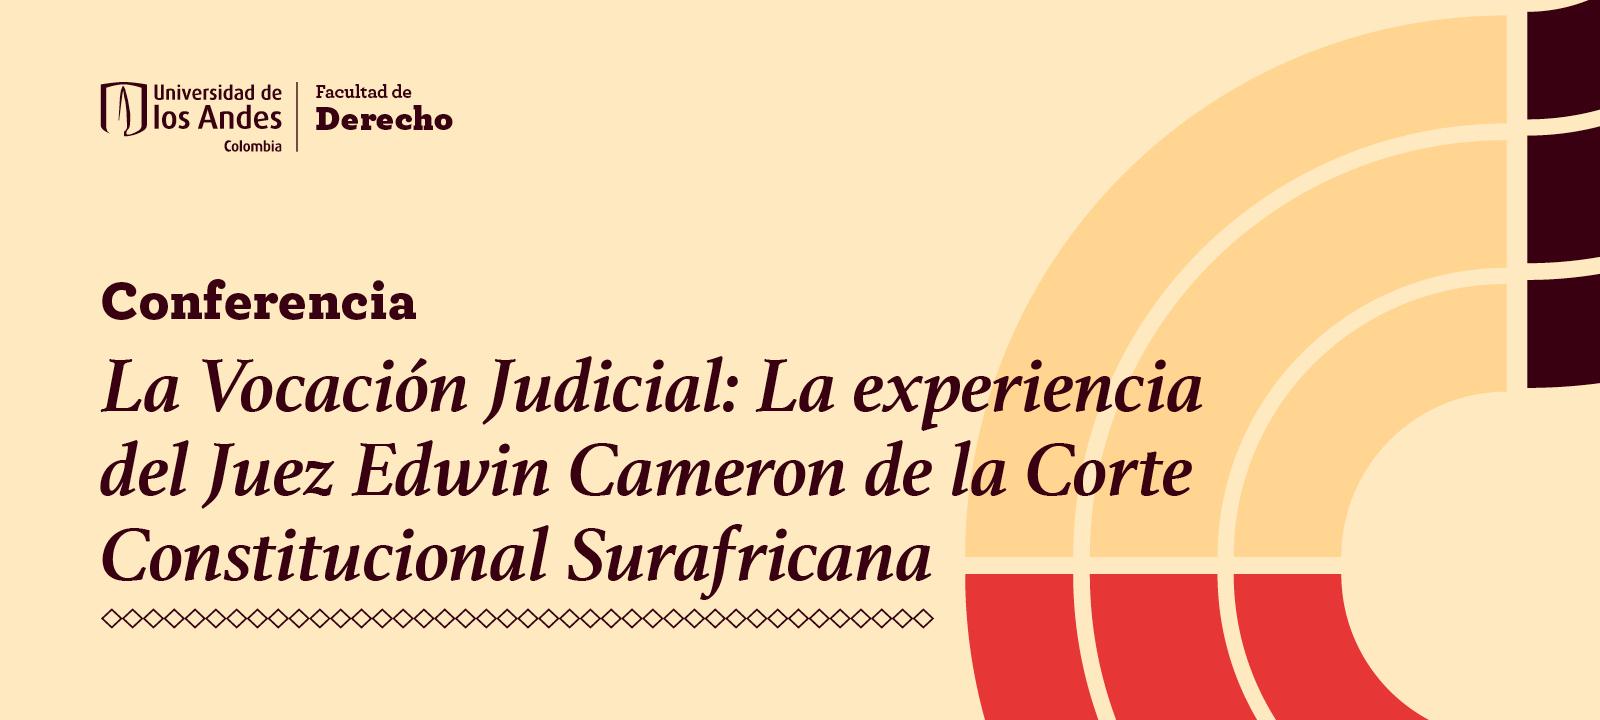 La experiencia del juez Edwin Cameron de la Corte Constitucional Surafricana